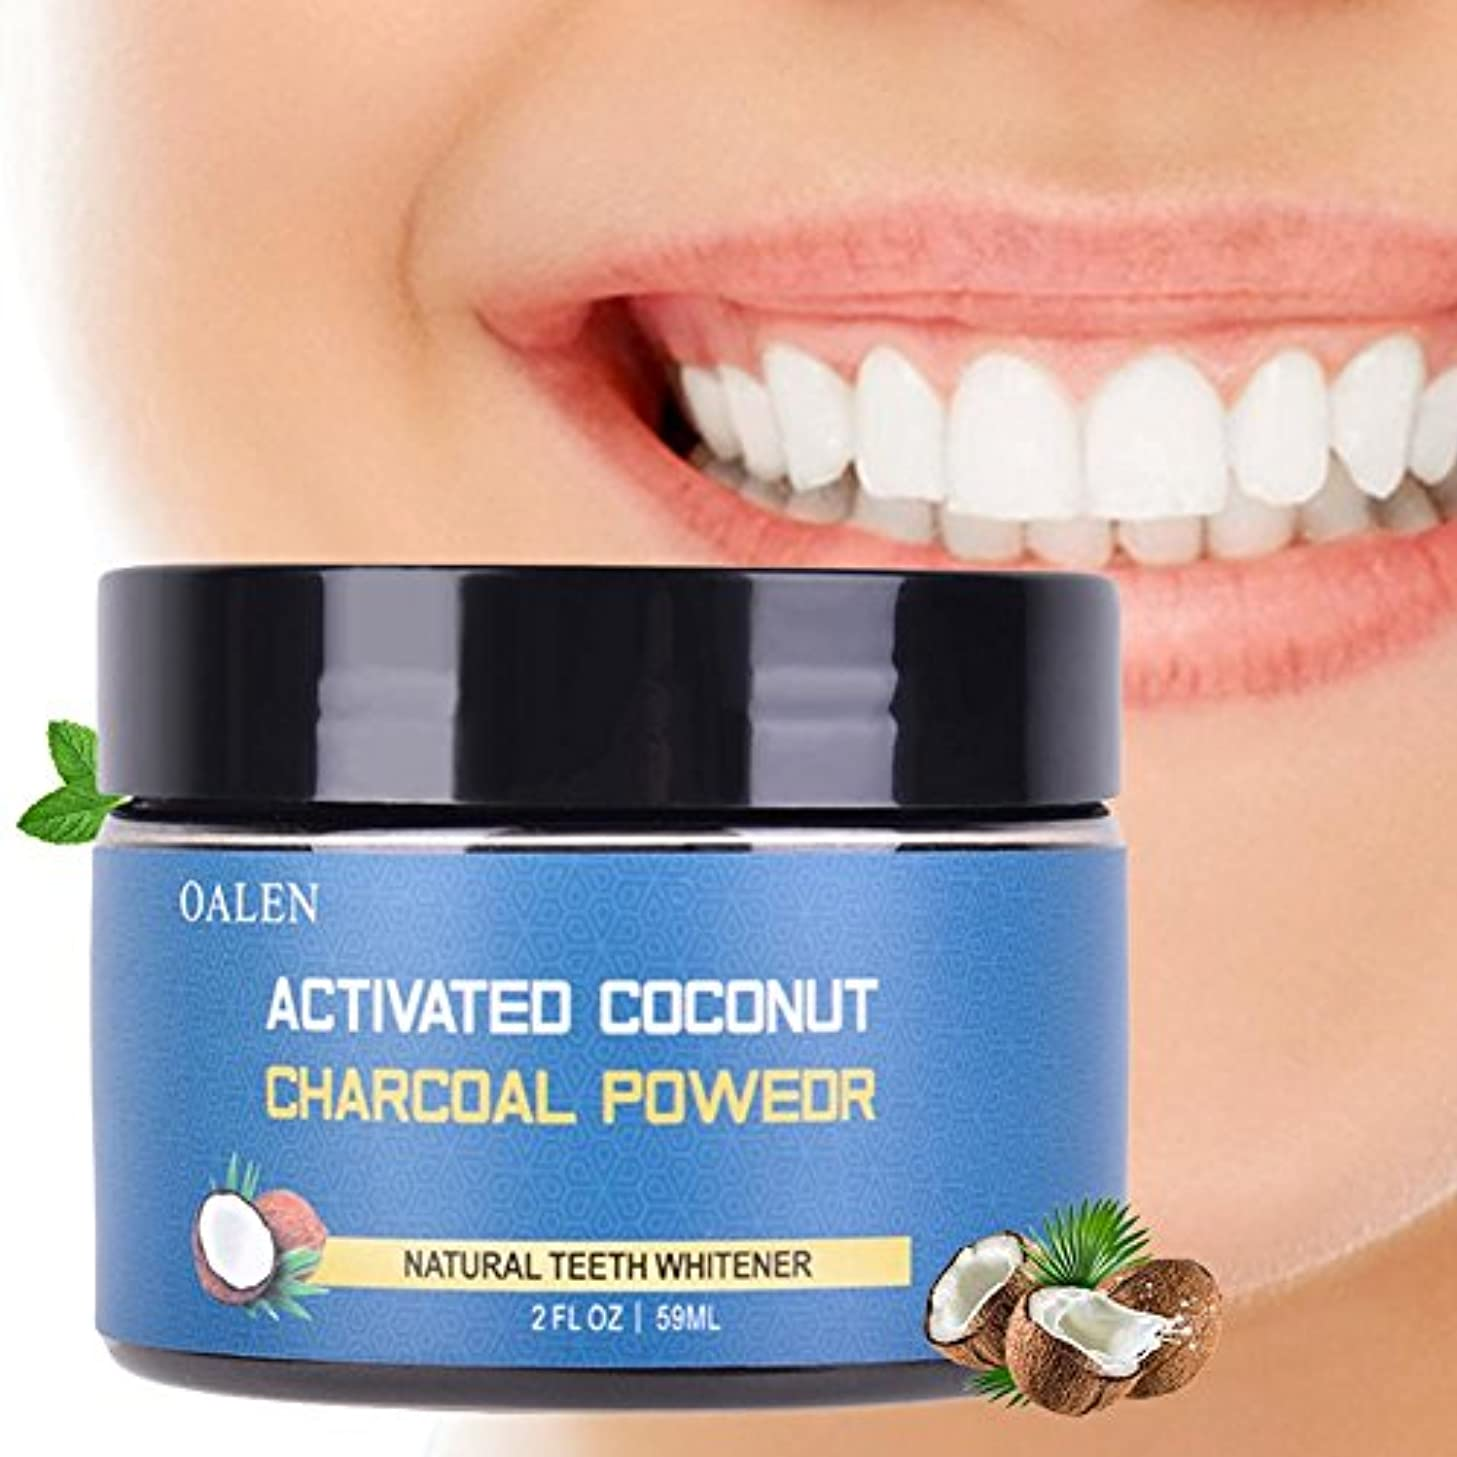 リンケージ降下青SILUN 歯磨き粉 ニングパウダー有機 ココナッツ殻活性炭組成デンタルステイン除去 歯美白自然 口腔ケア